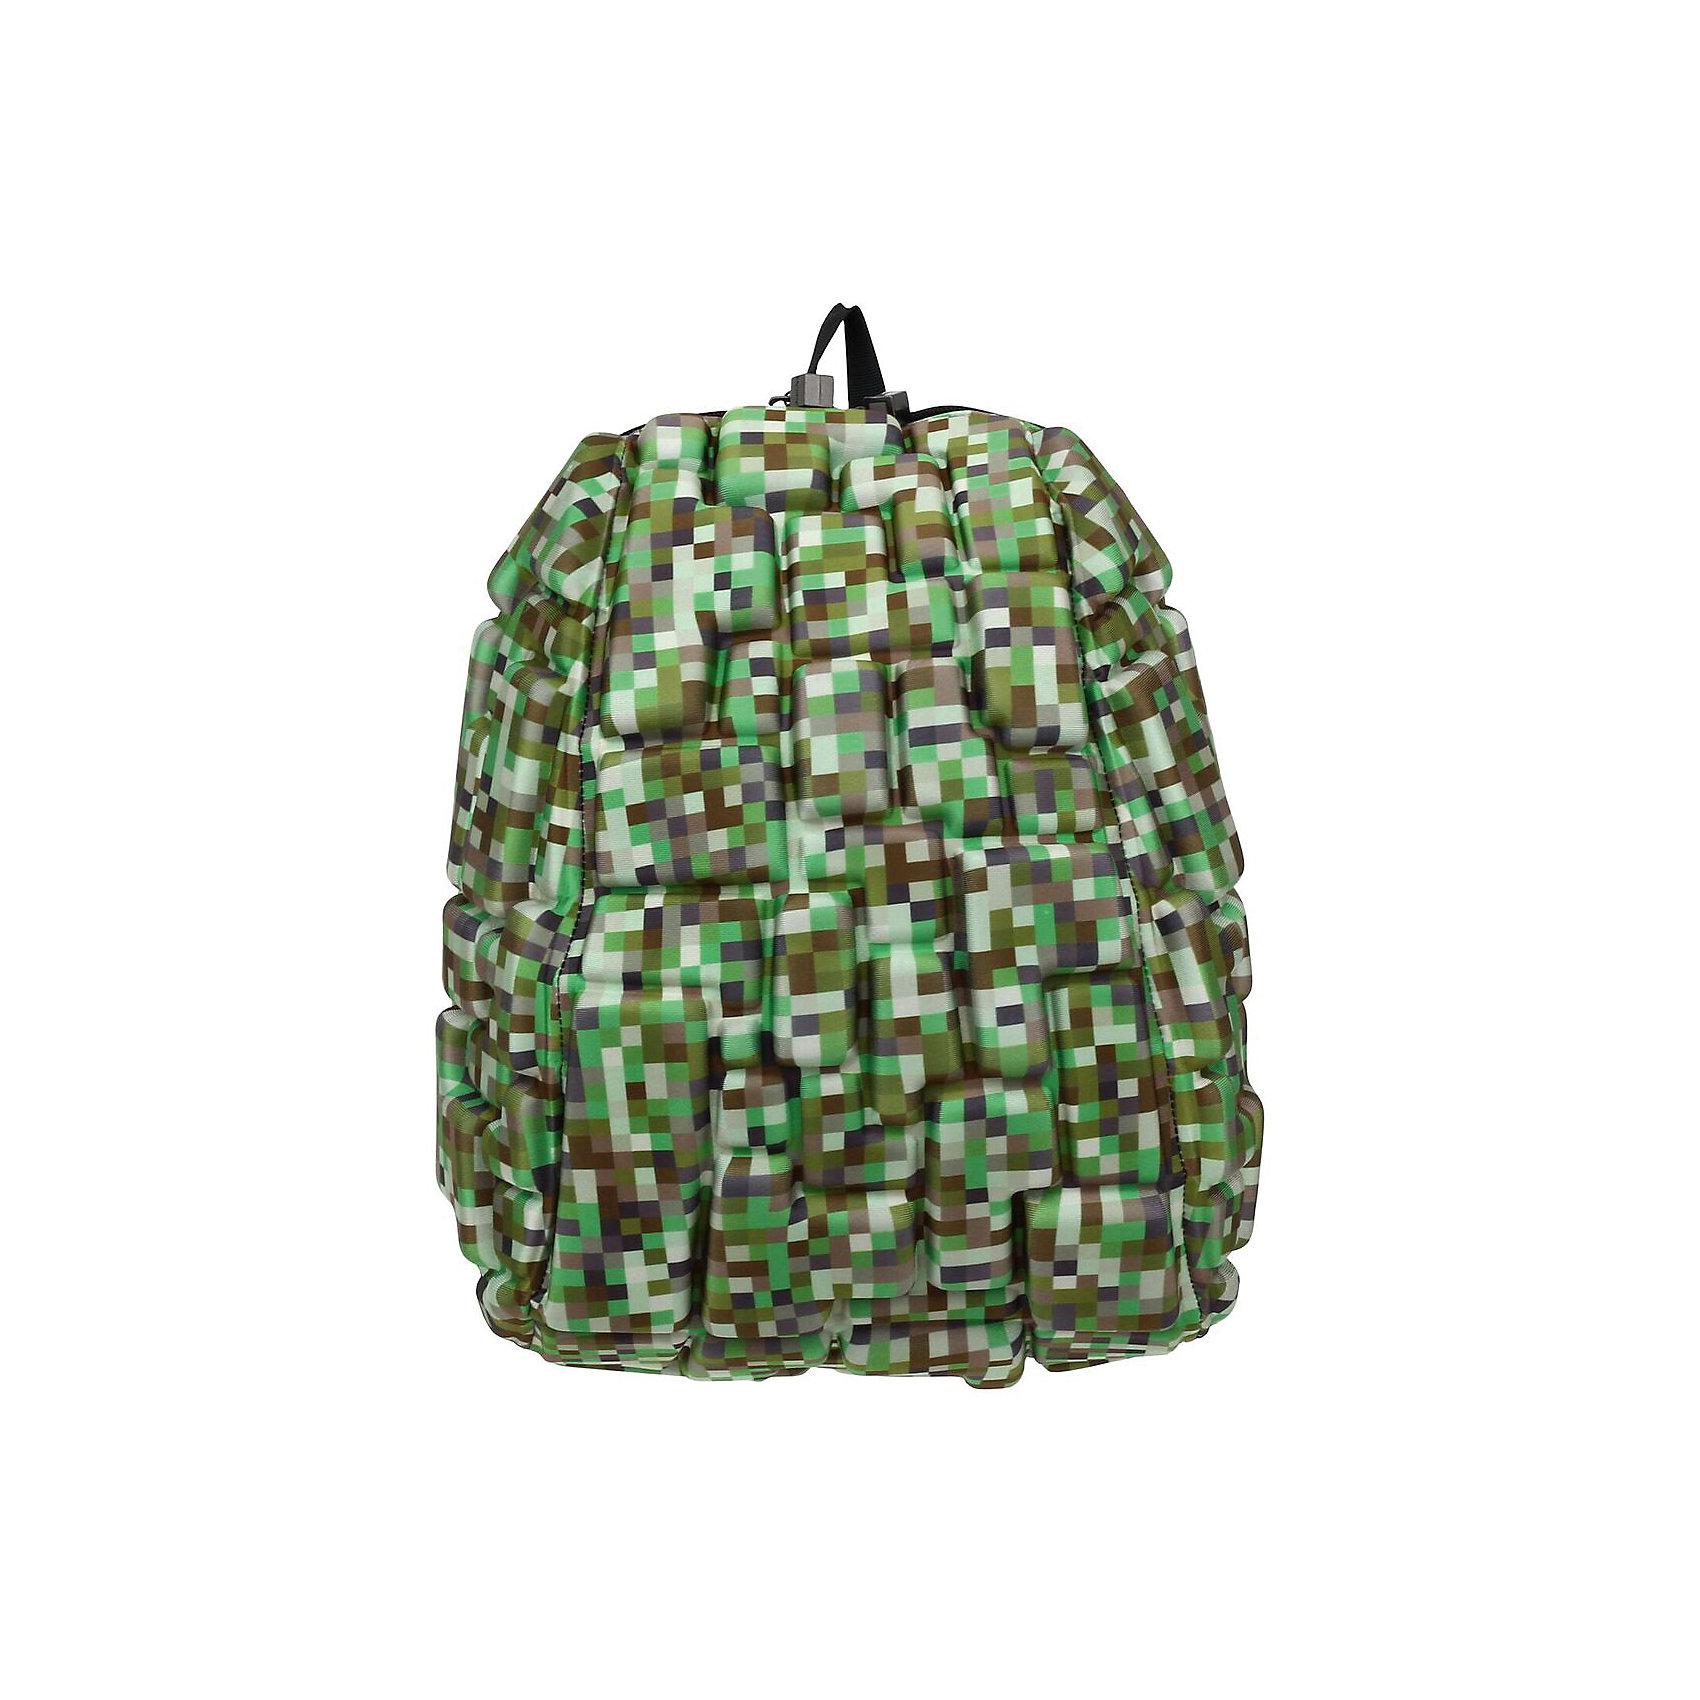 Рюкзак Blok Half Digital Green, цвет зеленый мультиРюкзаки<br>Характеристики товара:<br><br>• цвет: Digital Green (зеленый мульти);<br>• возраст: от 3 лет;<br>• вес: 0,6 кг;<br>• размер: 36х30х15 см;<br>• одно отделение на молнии;<br>• вместительный;<br>• лямки регулируются по высоте;<br>• ортопедическая спинка;<br>• карман - окошко для контактной информации;<br>• материал: полиспандекс;<br>• страна бренда: США;<br>• страна изготовитель: Китай.<br><br>Рюкзаки Madpax отличаются оригинальностью дизайна. Рельефное покрытие рюкзака «Blok Half» напоминает футуристические строительные блоки.<br><br>Он способен вместить практически все вещи владельца, внутри достаточно просторно. Эргономичные ручки дают возможность без лишних усилий переносить тяжелую сумку за спиной. Вентилируемым материал на ортопедической спинке создаст комфорт. Внутри 2 отделения: большое для основных вещей и отделение для папки формата А4 или планшета с диагональю до 13 дюймов. Этот рюкзак придаст индивидуальность его владельцу.<br><br>Рюкзак Madpax «Blok Half» можно купить в нашем интернет-магазине.<br><br>Ширина мм: 360<br>Глубина мм: 300<br>Высота мм: 150<br>Вес г: 600<br>Возраст от месяцев: 36<br>Возраст до месяцев: 720<br>Пол: Унисекс<br>Возраст: Детский<br>SKU: 7054113